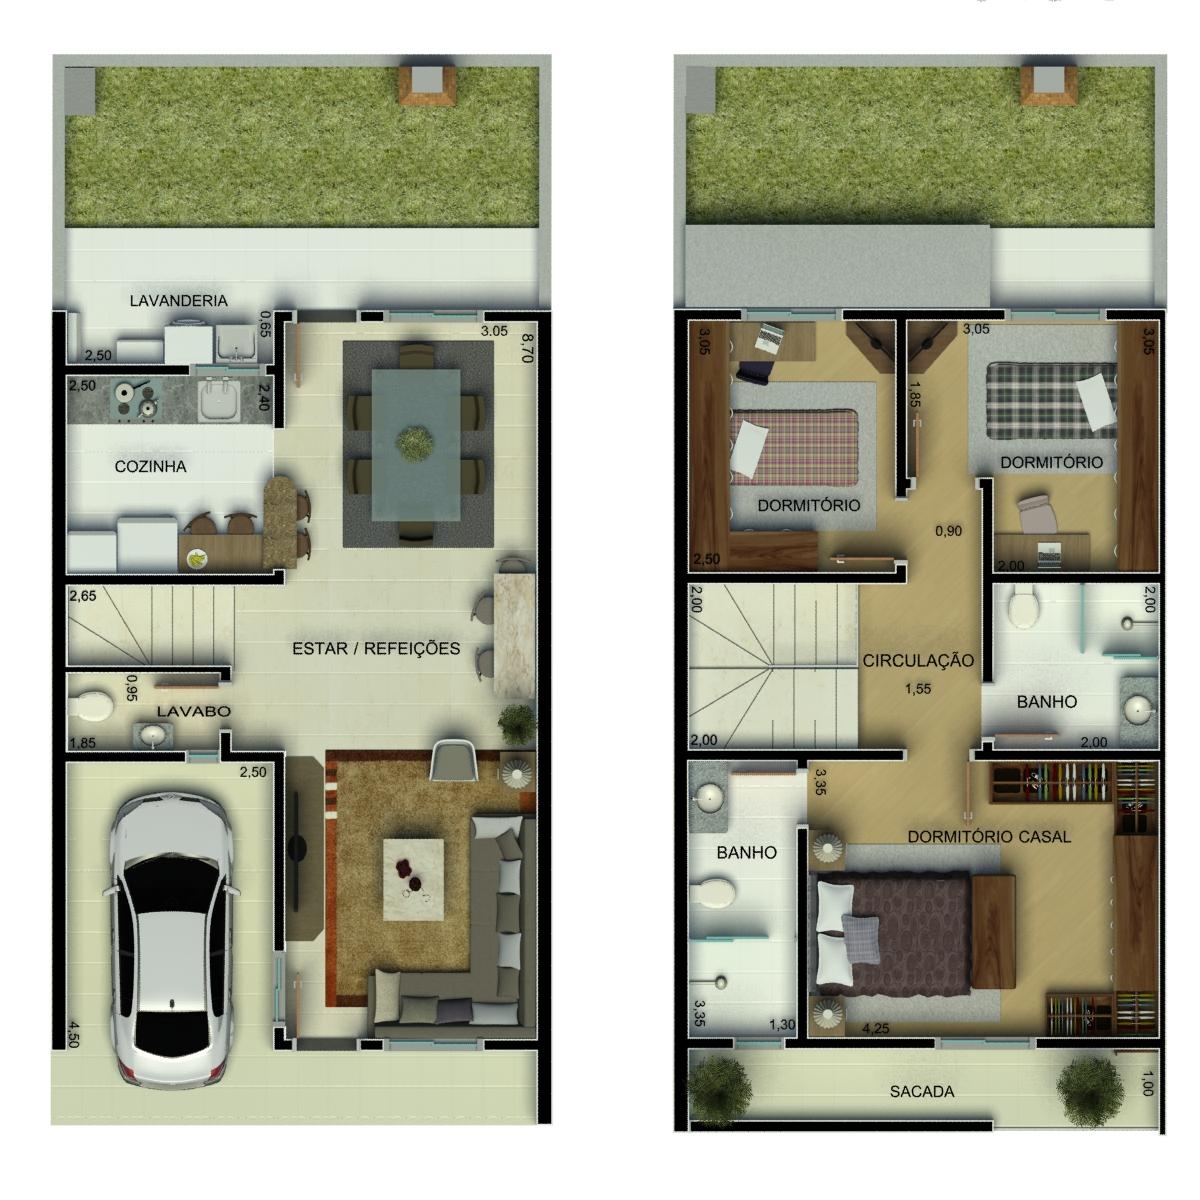 De Chácaras 10 plantas de casas até 75 mil 30 modelos de sobrados #5E462B 1200 1200